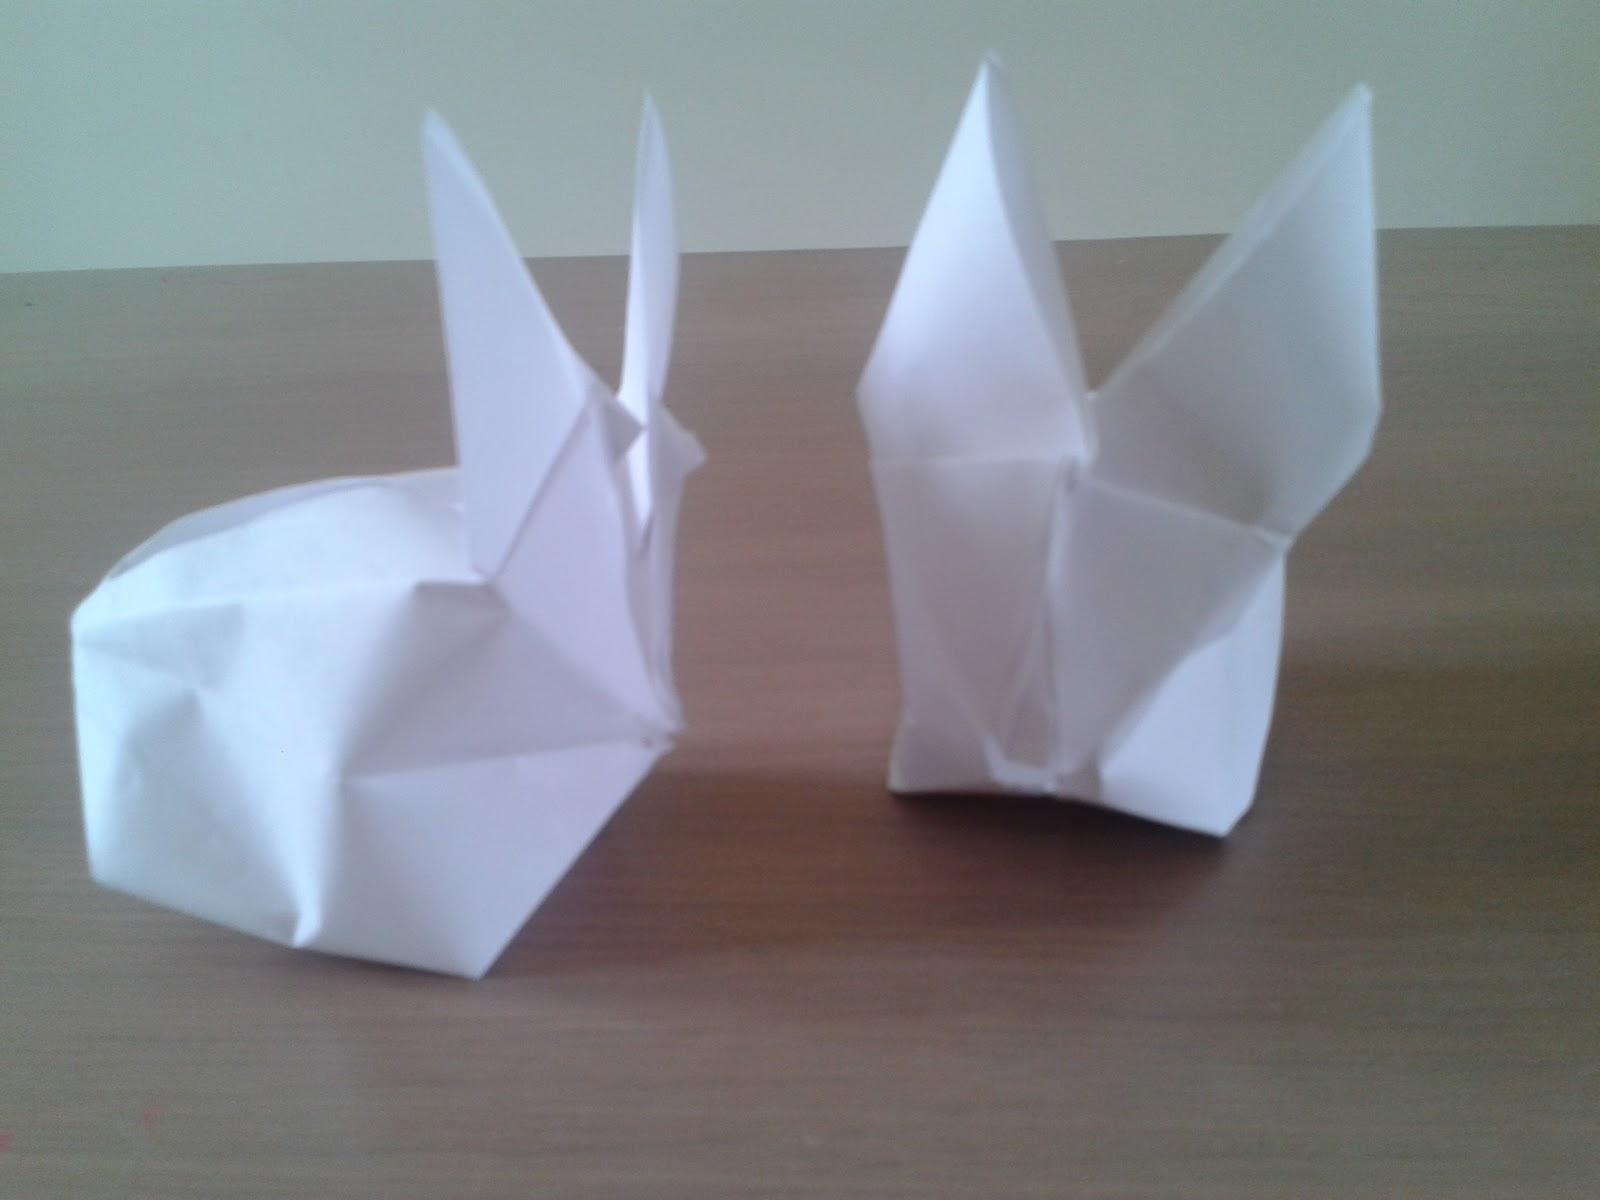 Amazing Little Minds: Awesome Origami - photo#30